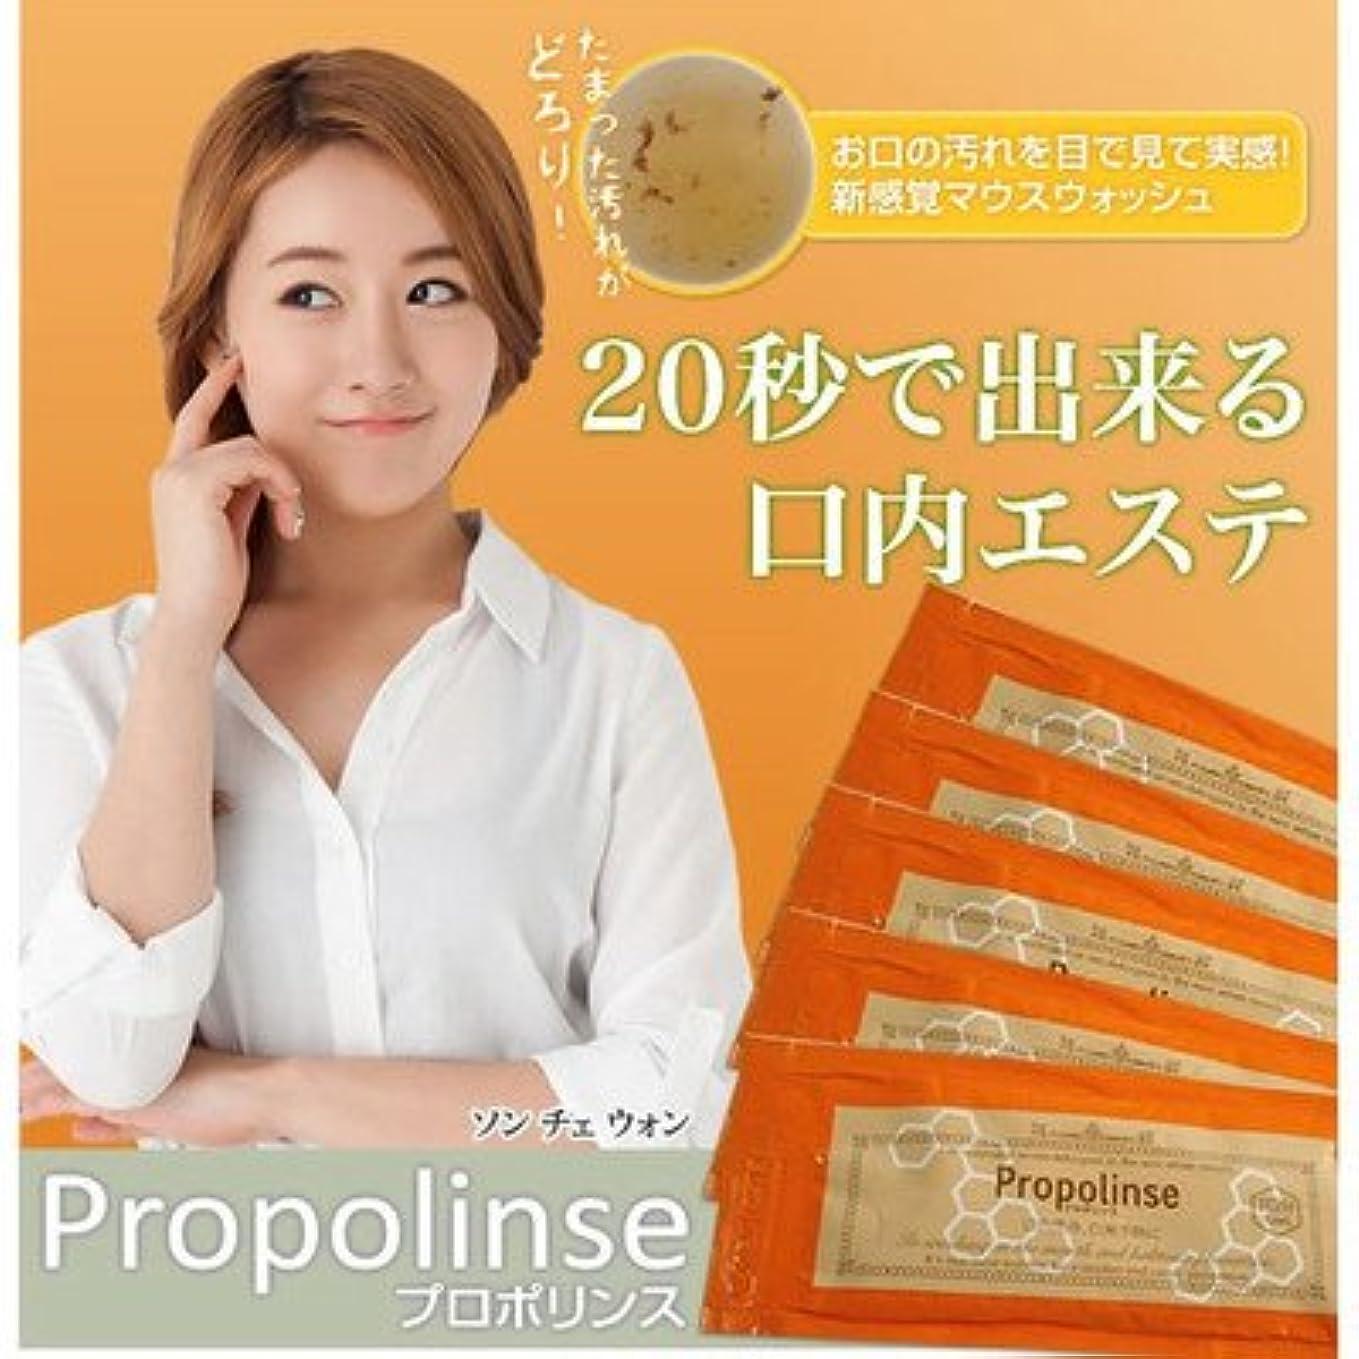 本物のつらい道徳のプロポリンス ハンディパウチ 12ml(1袋)×100袋